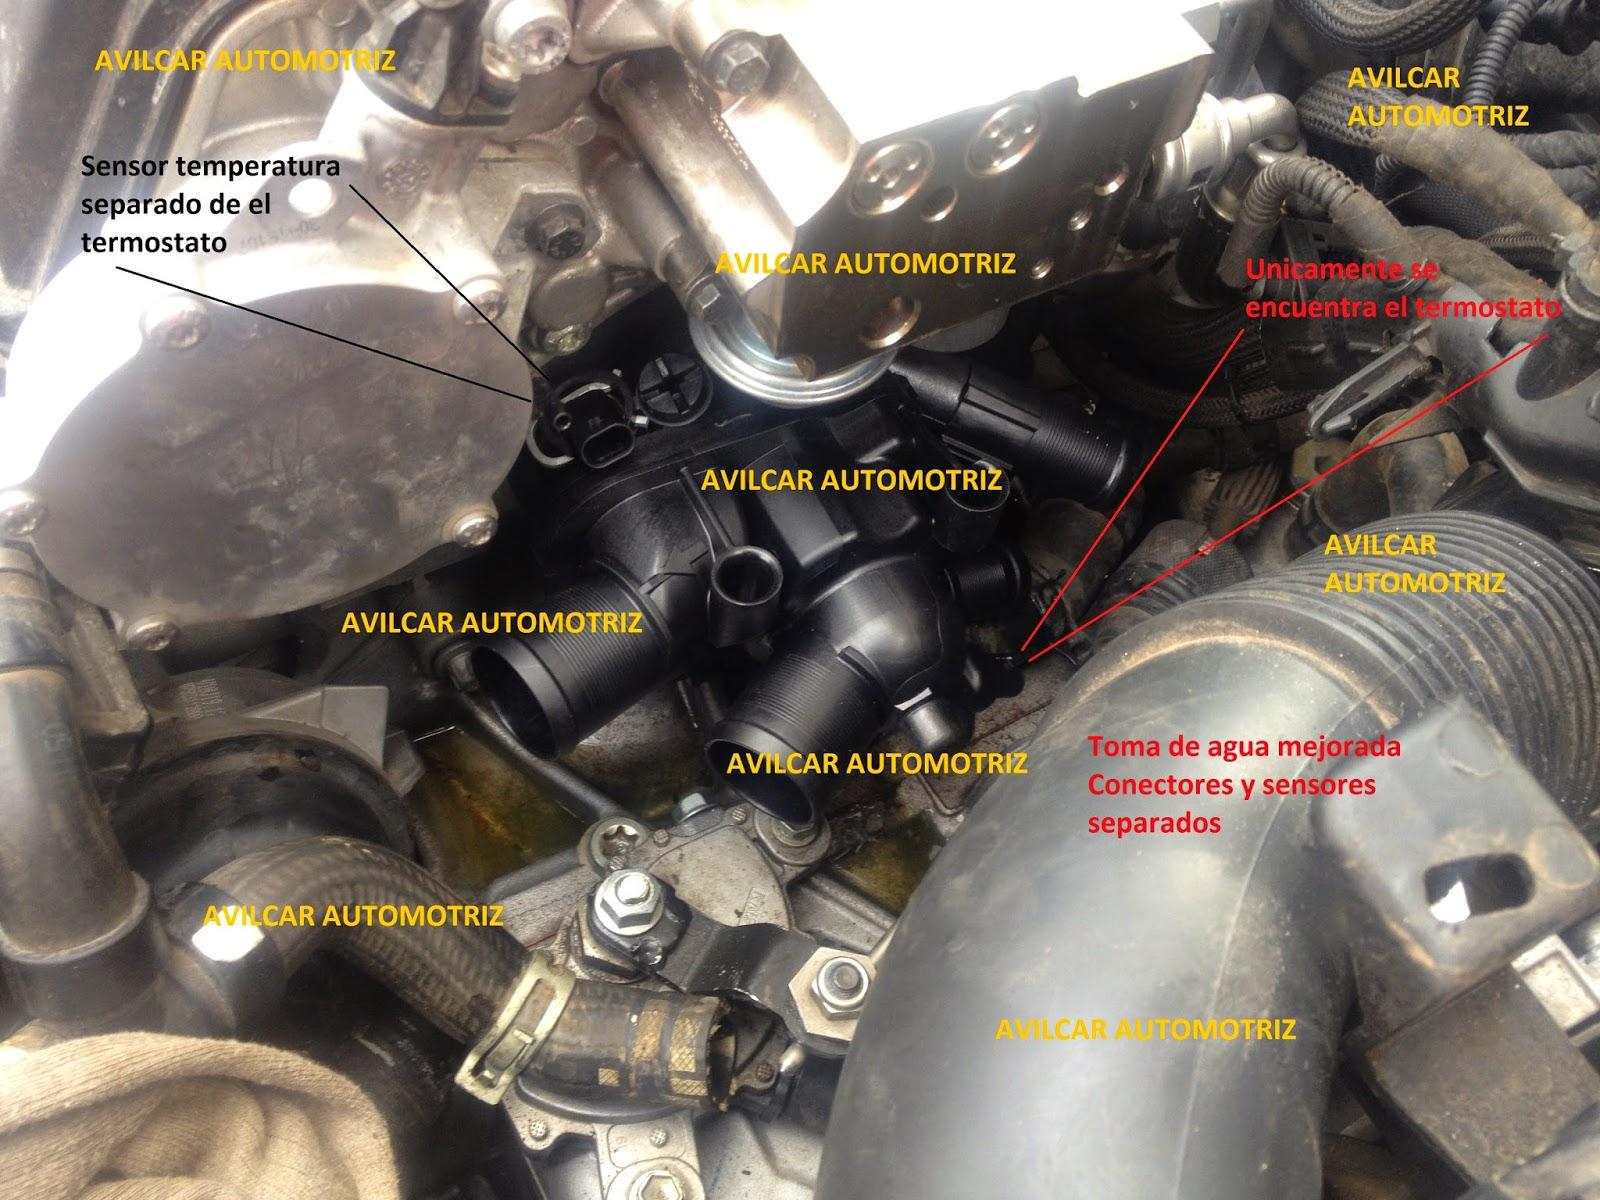 Mecanica automotriz facil cursos aprender mecanica avilcar for Clases de termostatos